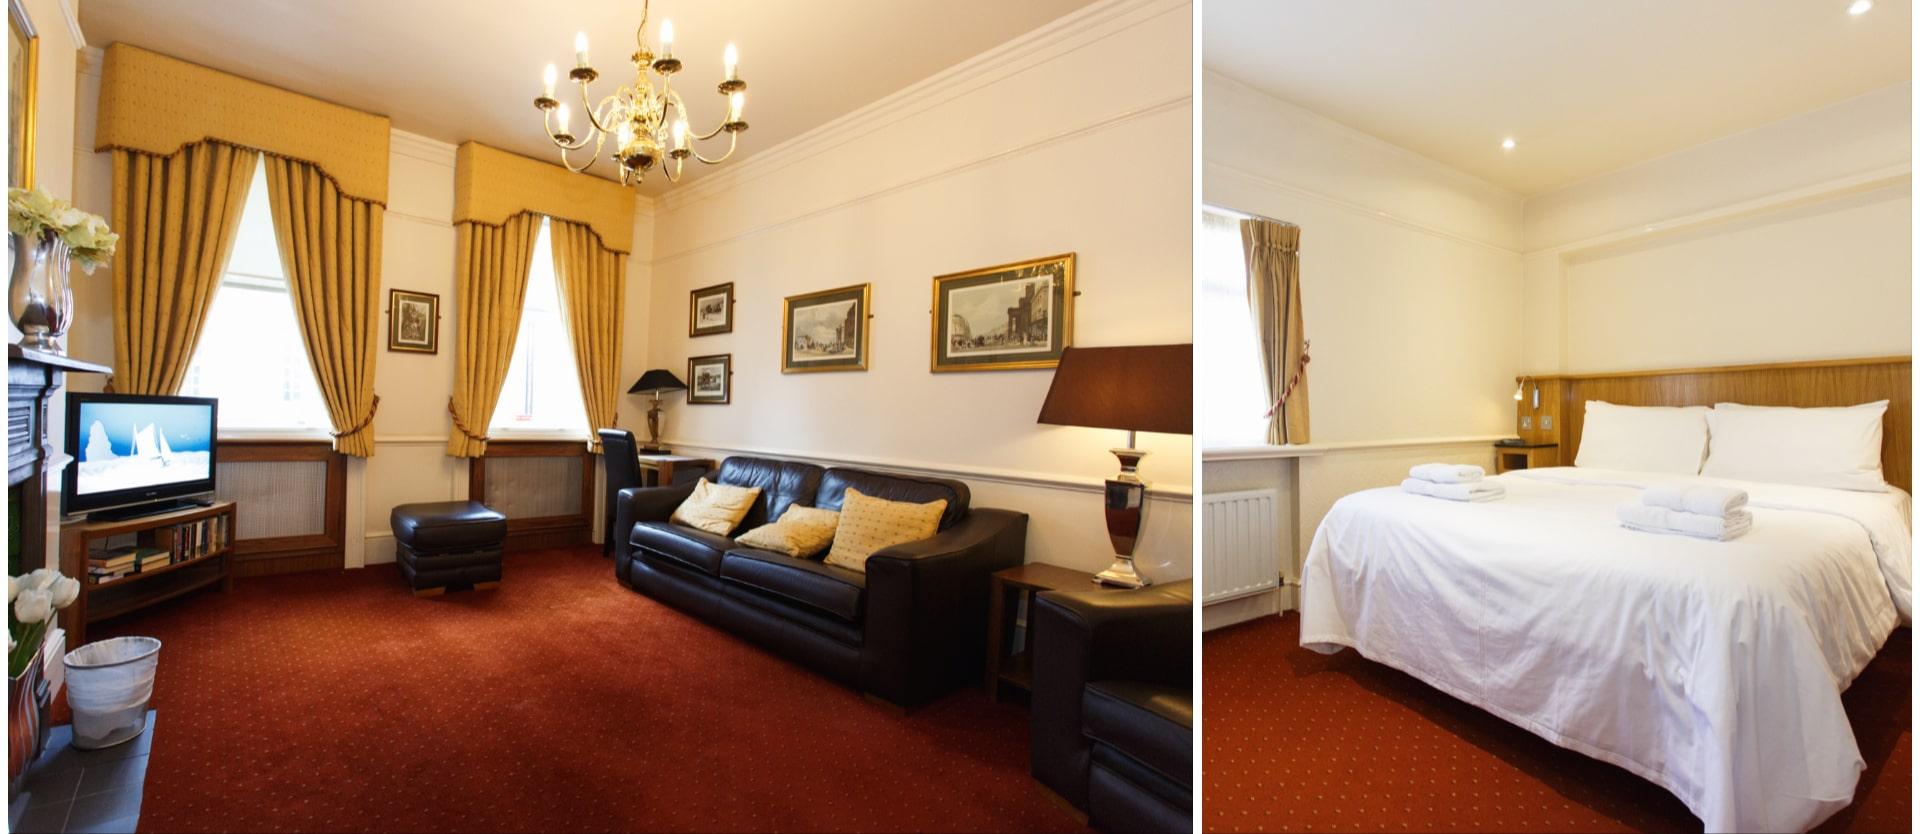 Rooms at the Morgan Hotel